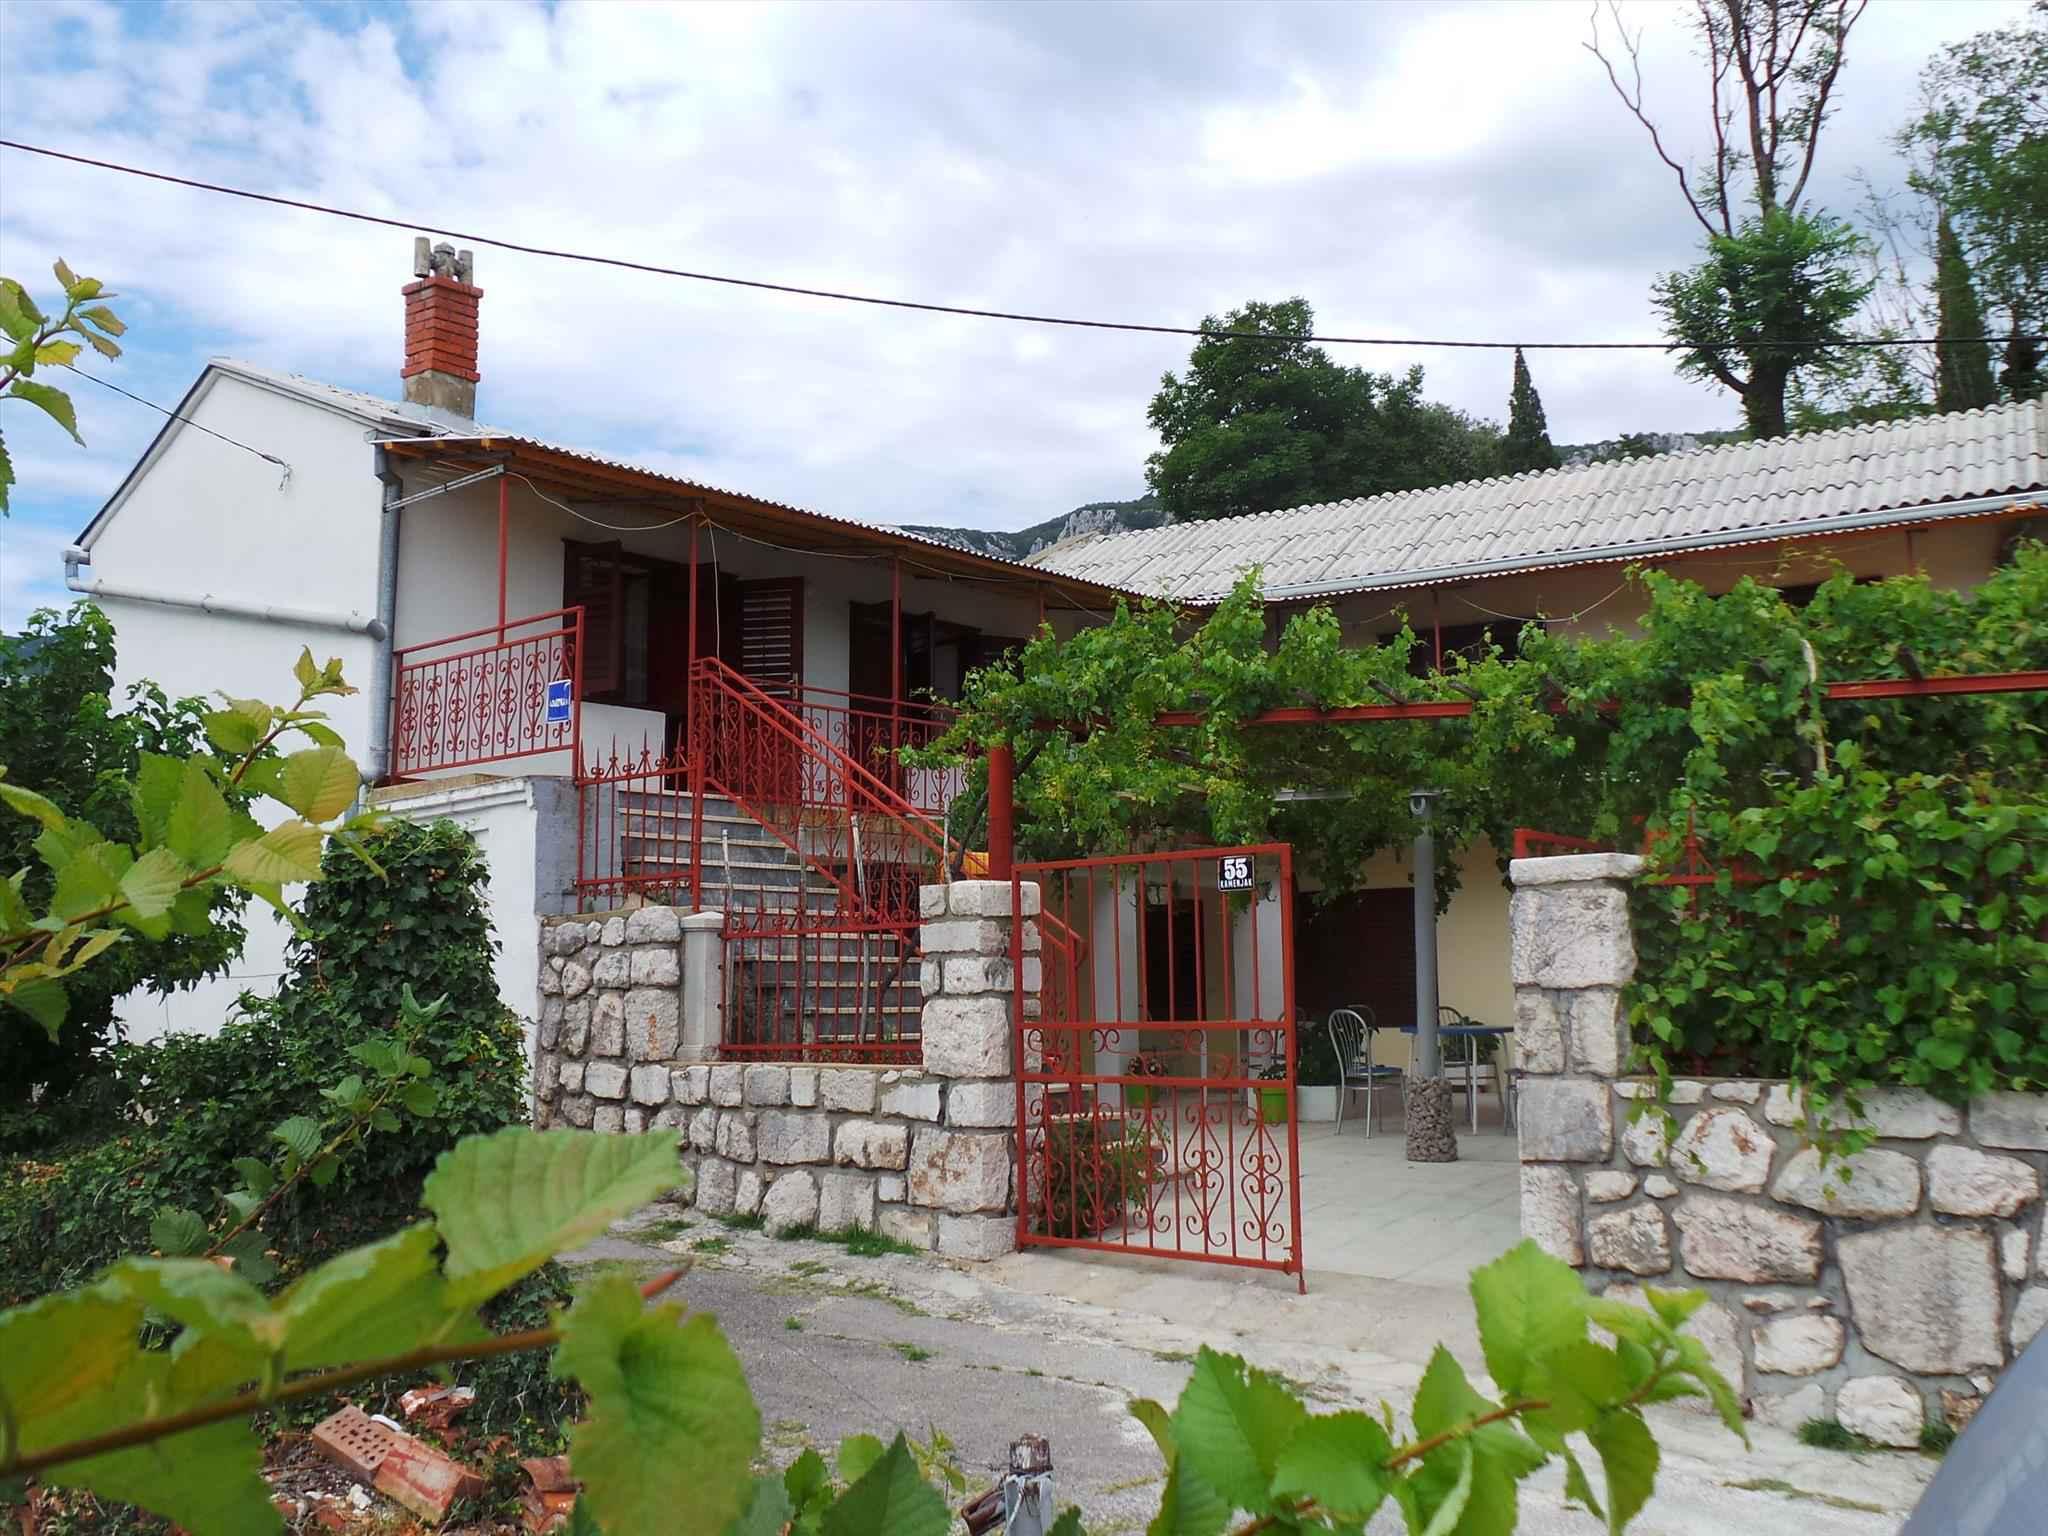 Ferienhaus mit 100 qm großer Terrasse  in Kroatien